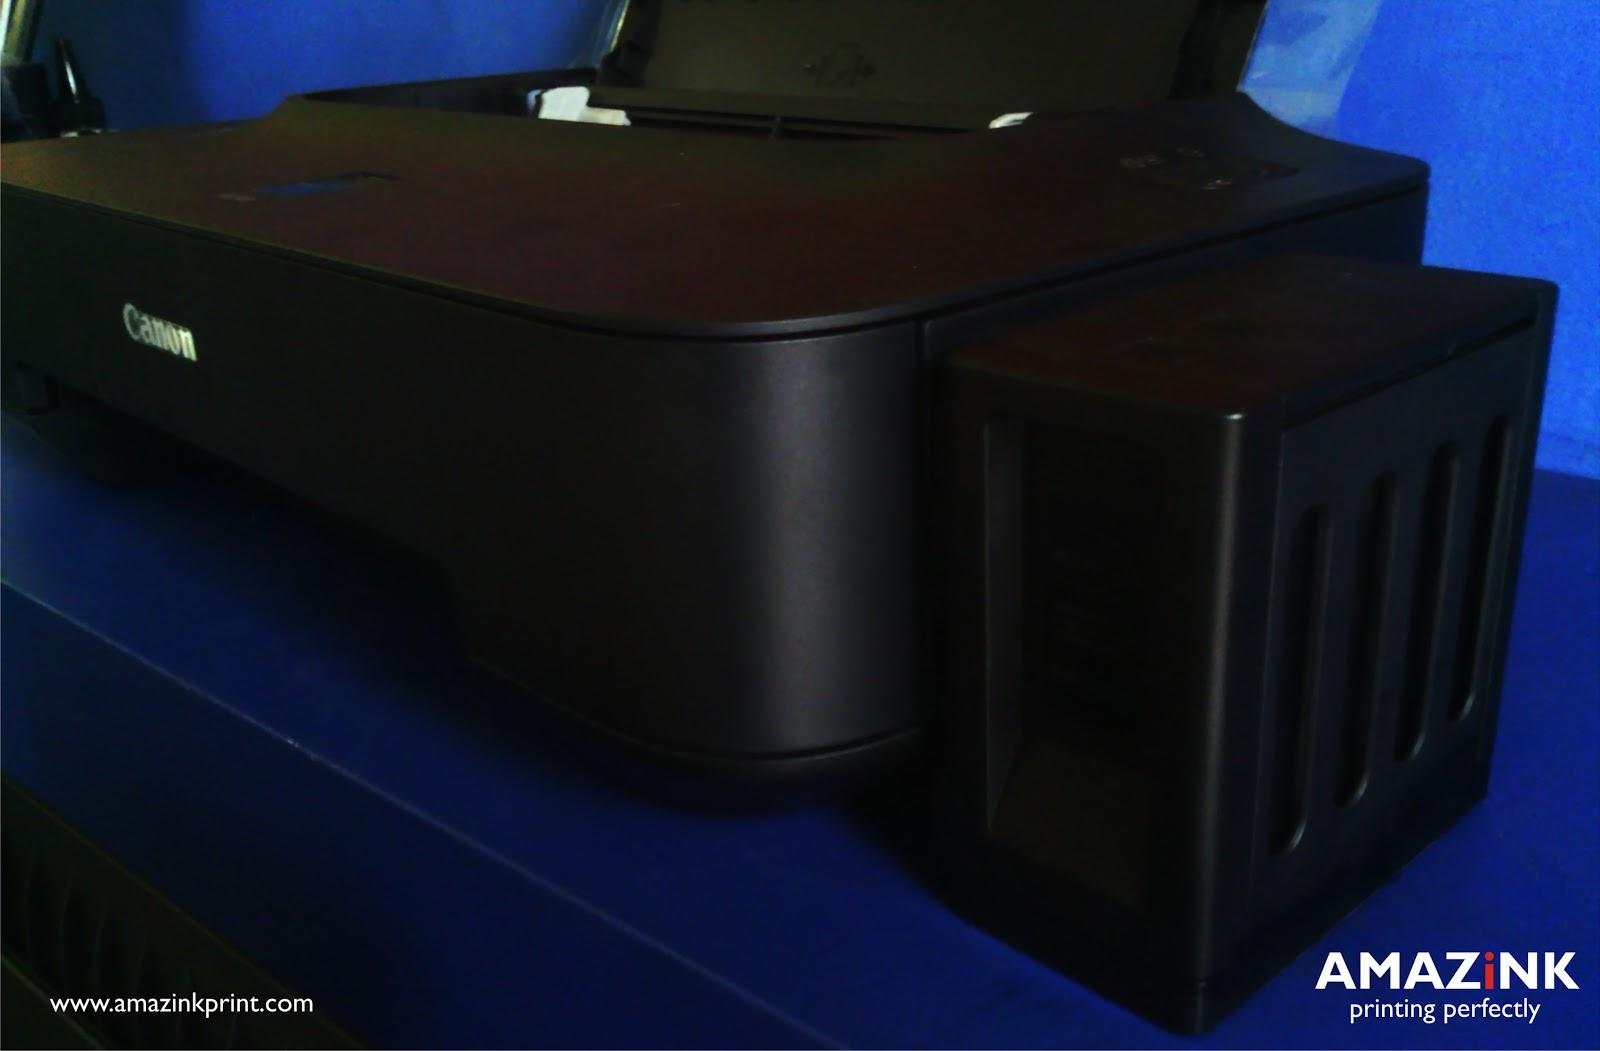 February 2013 Tinta Printer Amazink Official Blog Canon Ip 2770 Plus Infus Box Ip2770 Memiliki Resolusi Cetak Hingga 4800 X 1200dpi Ini Mampu Mencetak Dengan Media Kertas Ukuran A4 Letter Legal A5 B5 Envelopes Dl